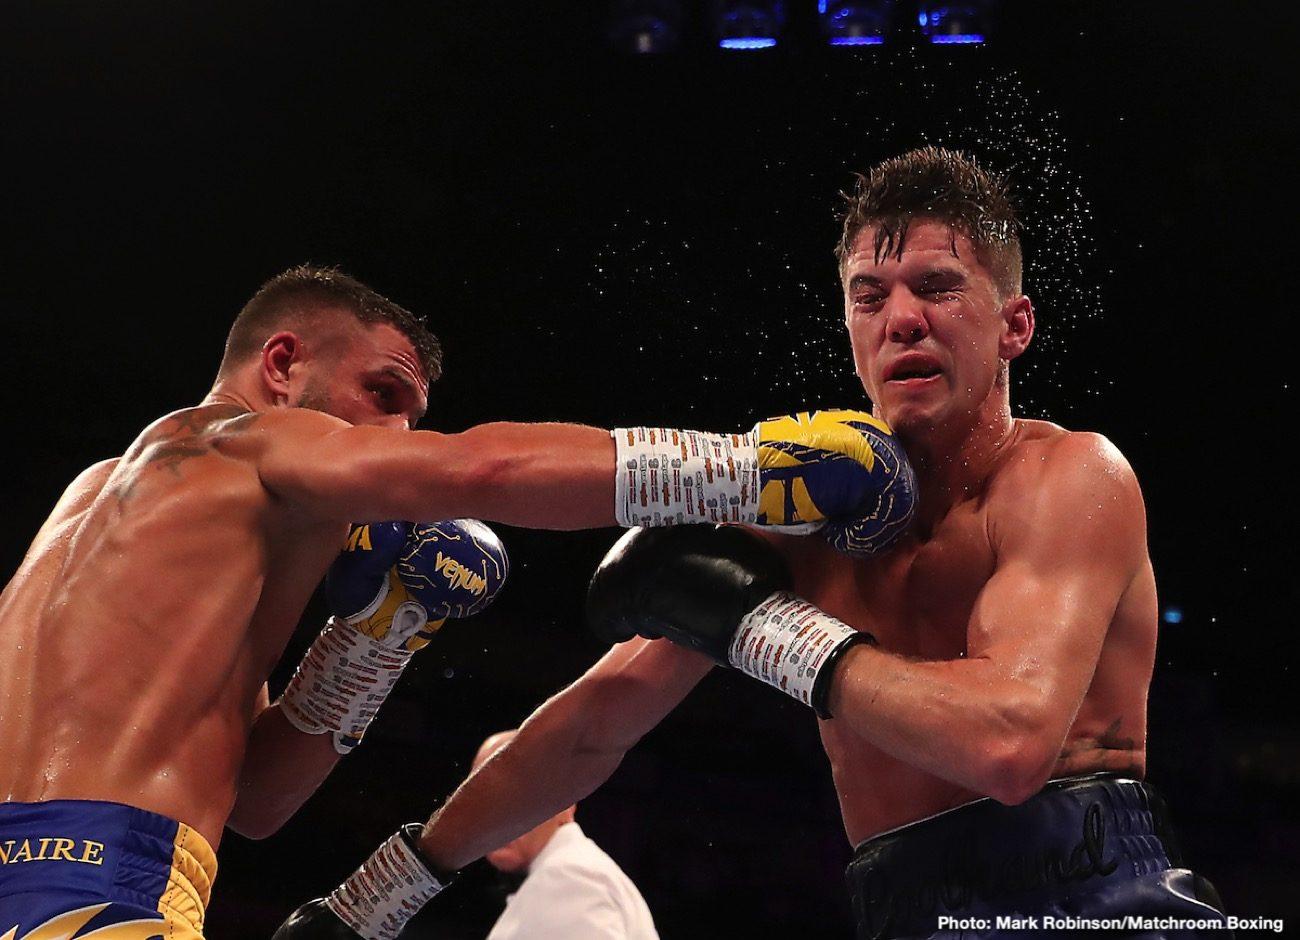 Alexander Povetkin Vasyl Lomachenko Charlie Edwards Hughie Fury Julio Cesar Martinez Lomachenko vs. Campbell Luke Campbell Povetkin vs. Fury